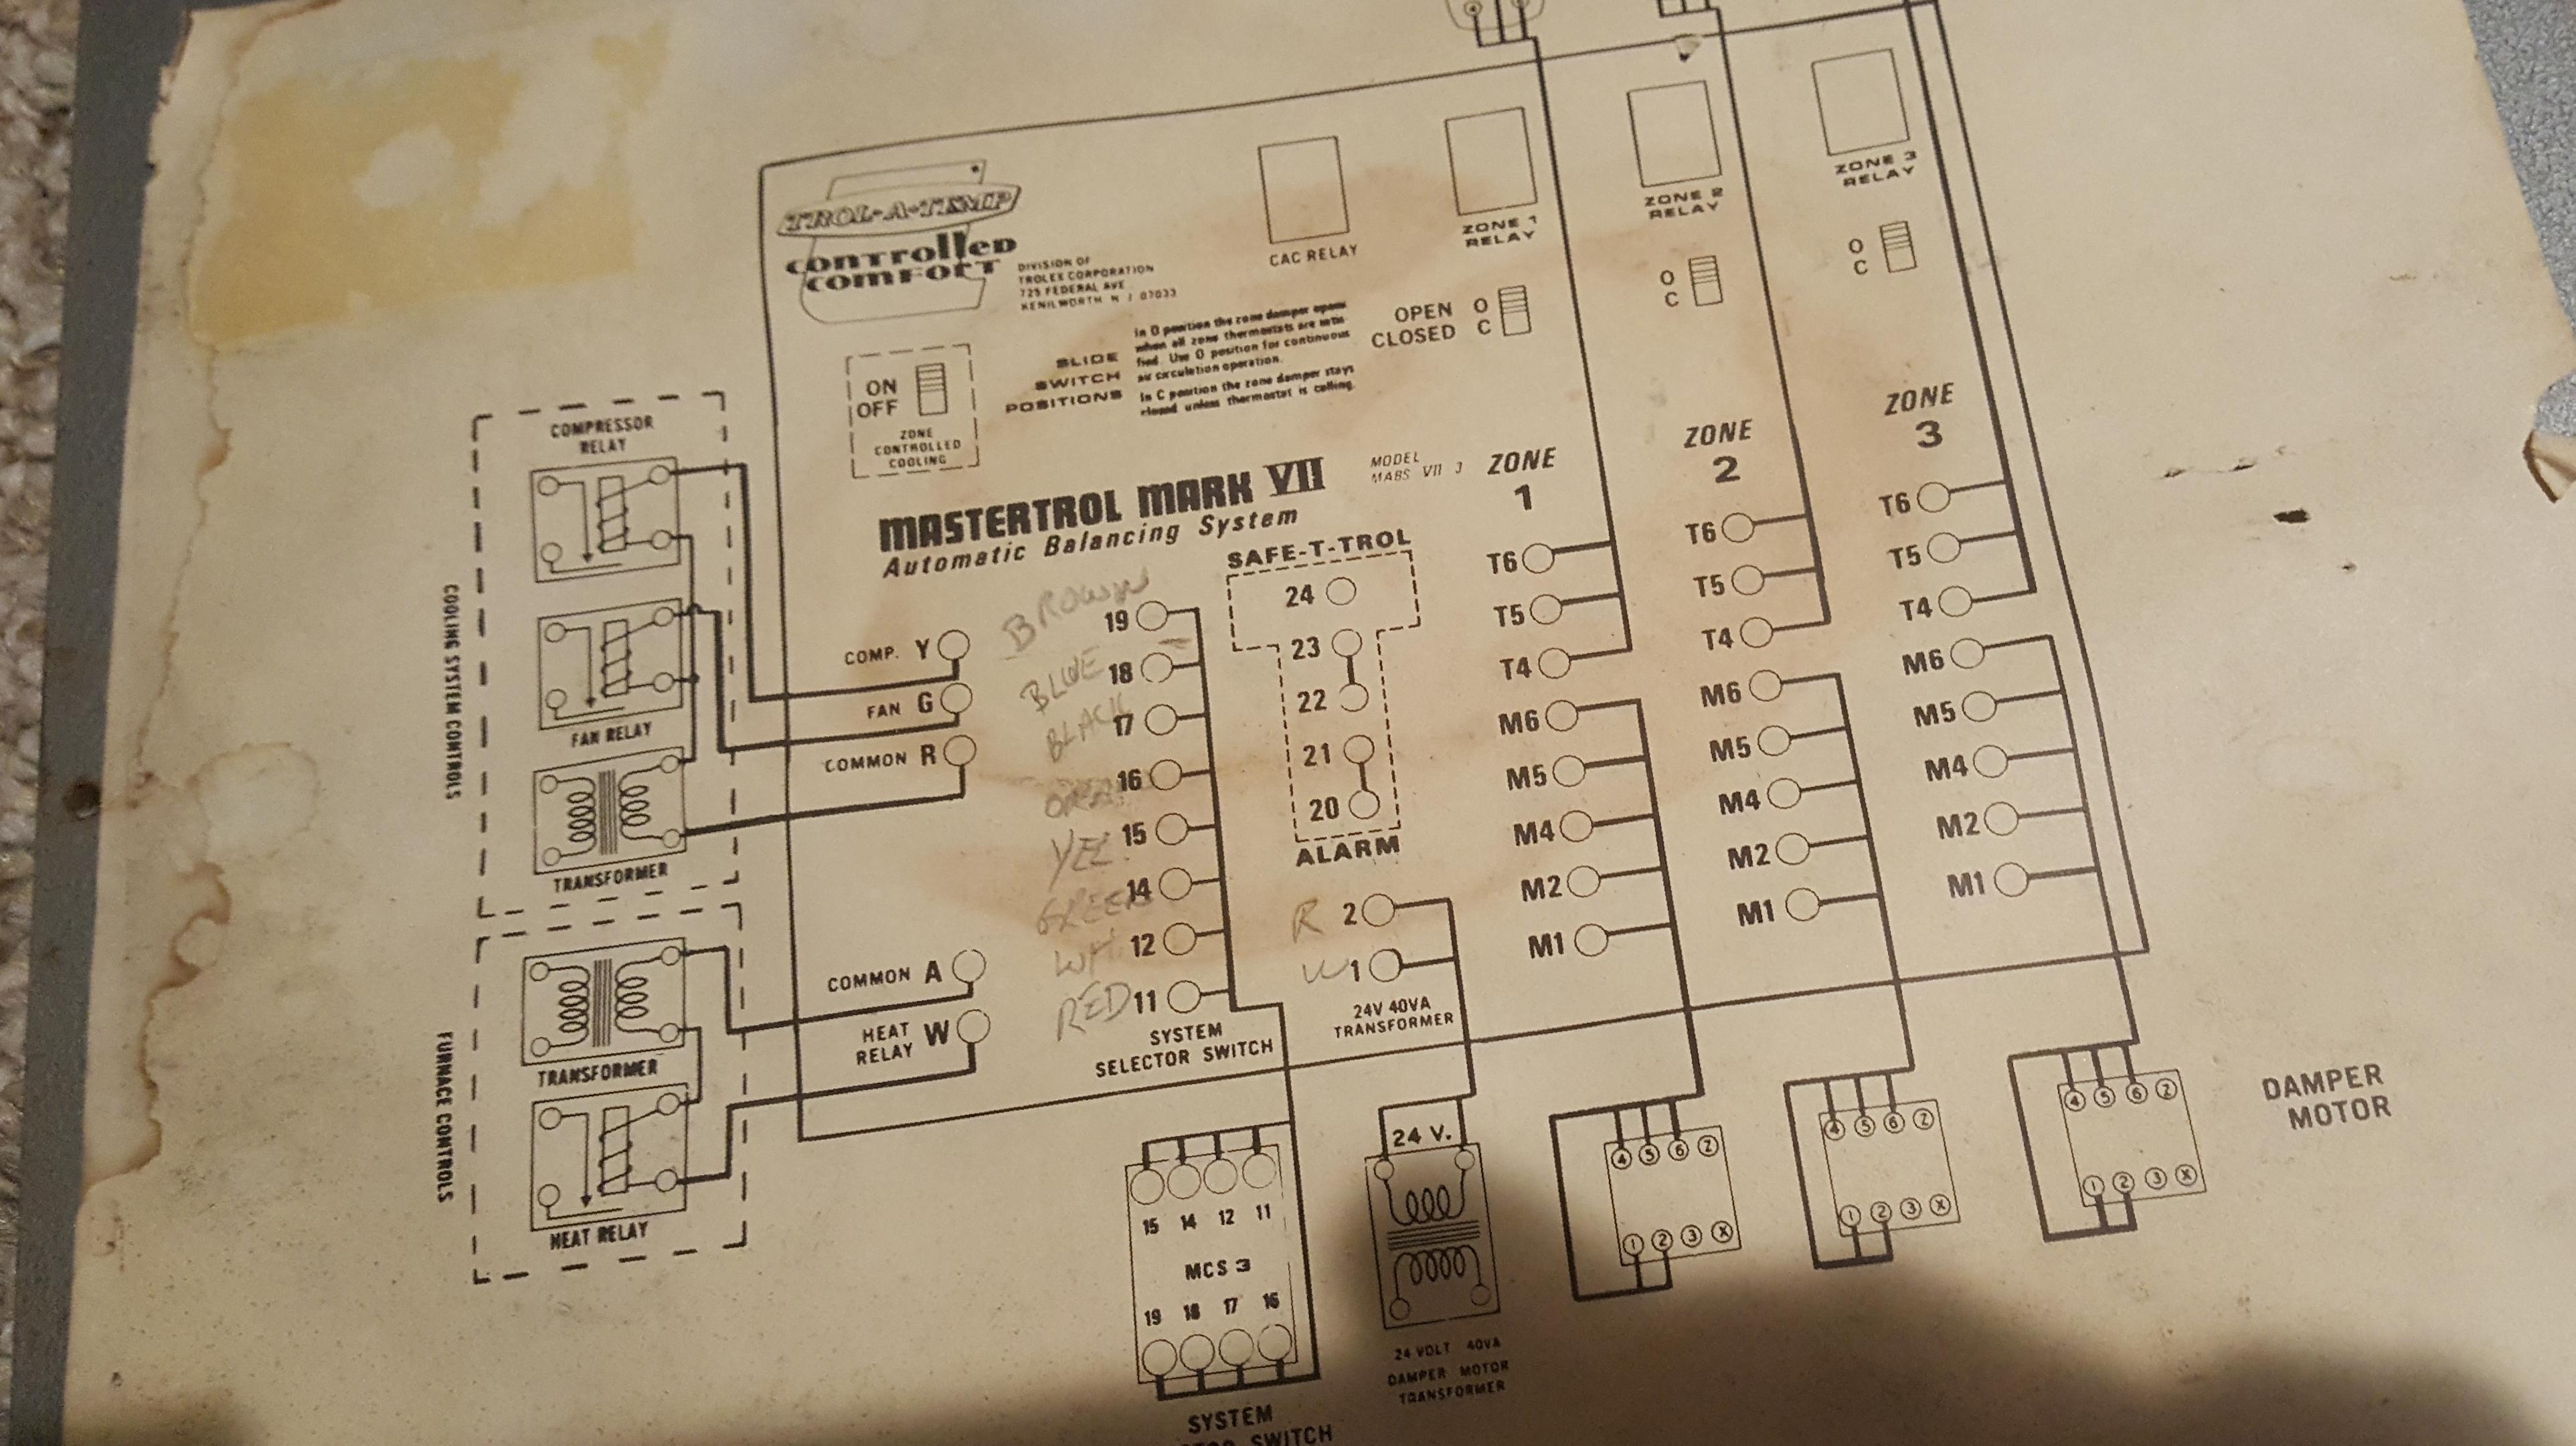 Honeywell Th522od1029 Wiring Diagram